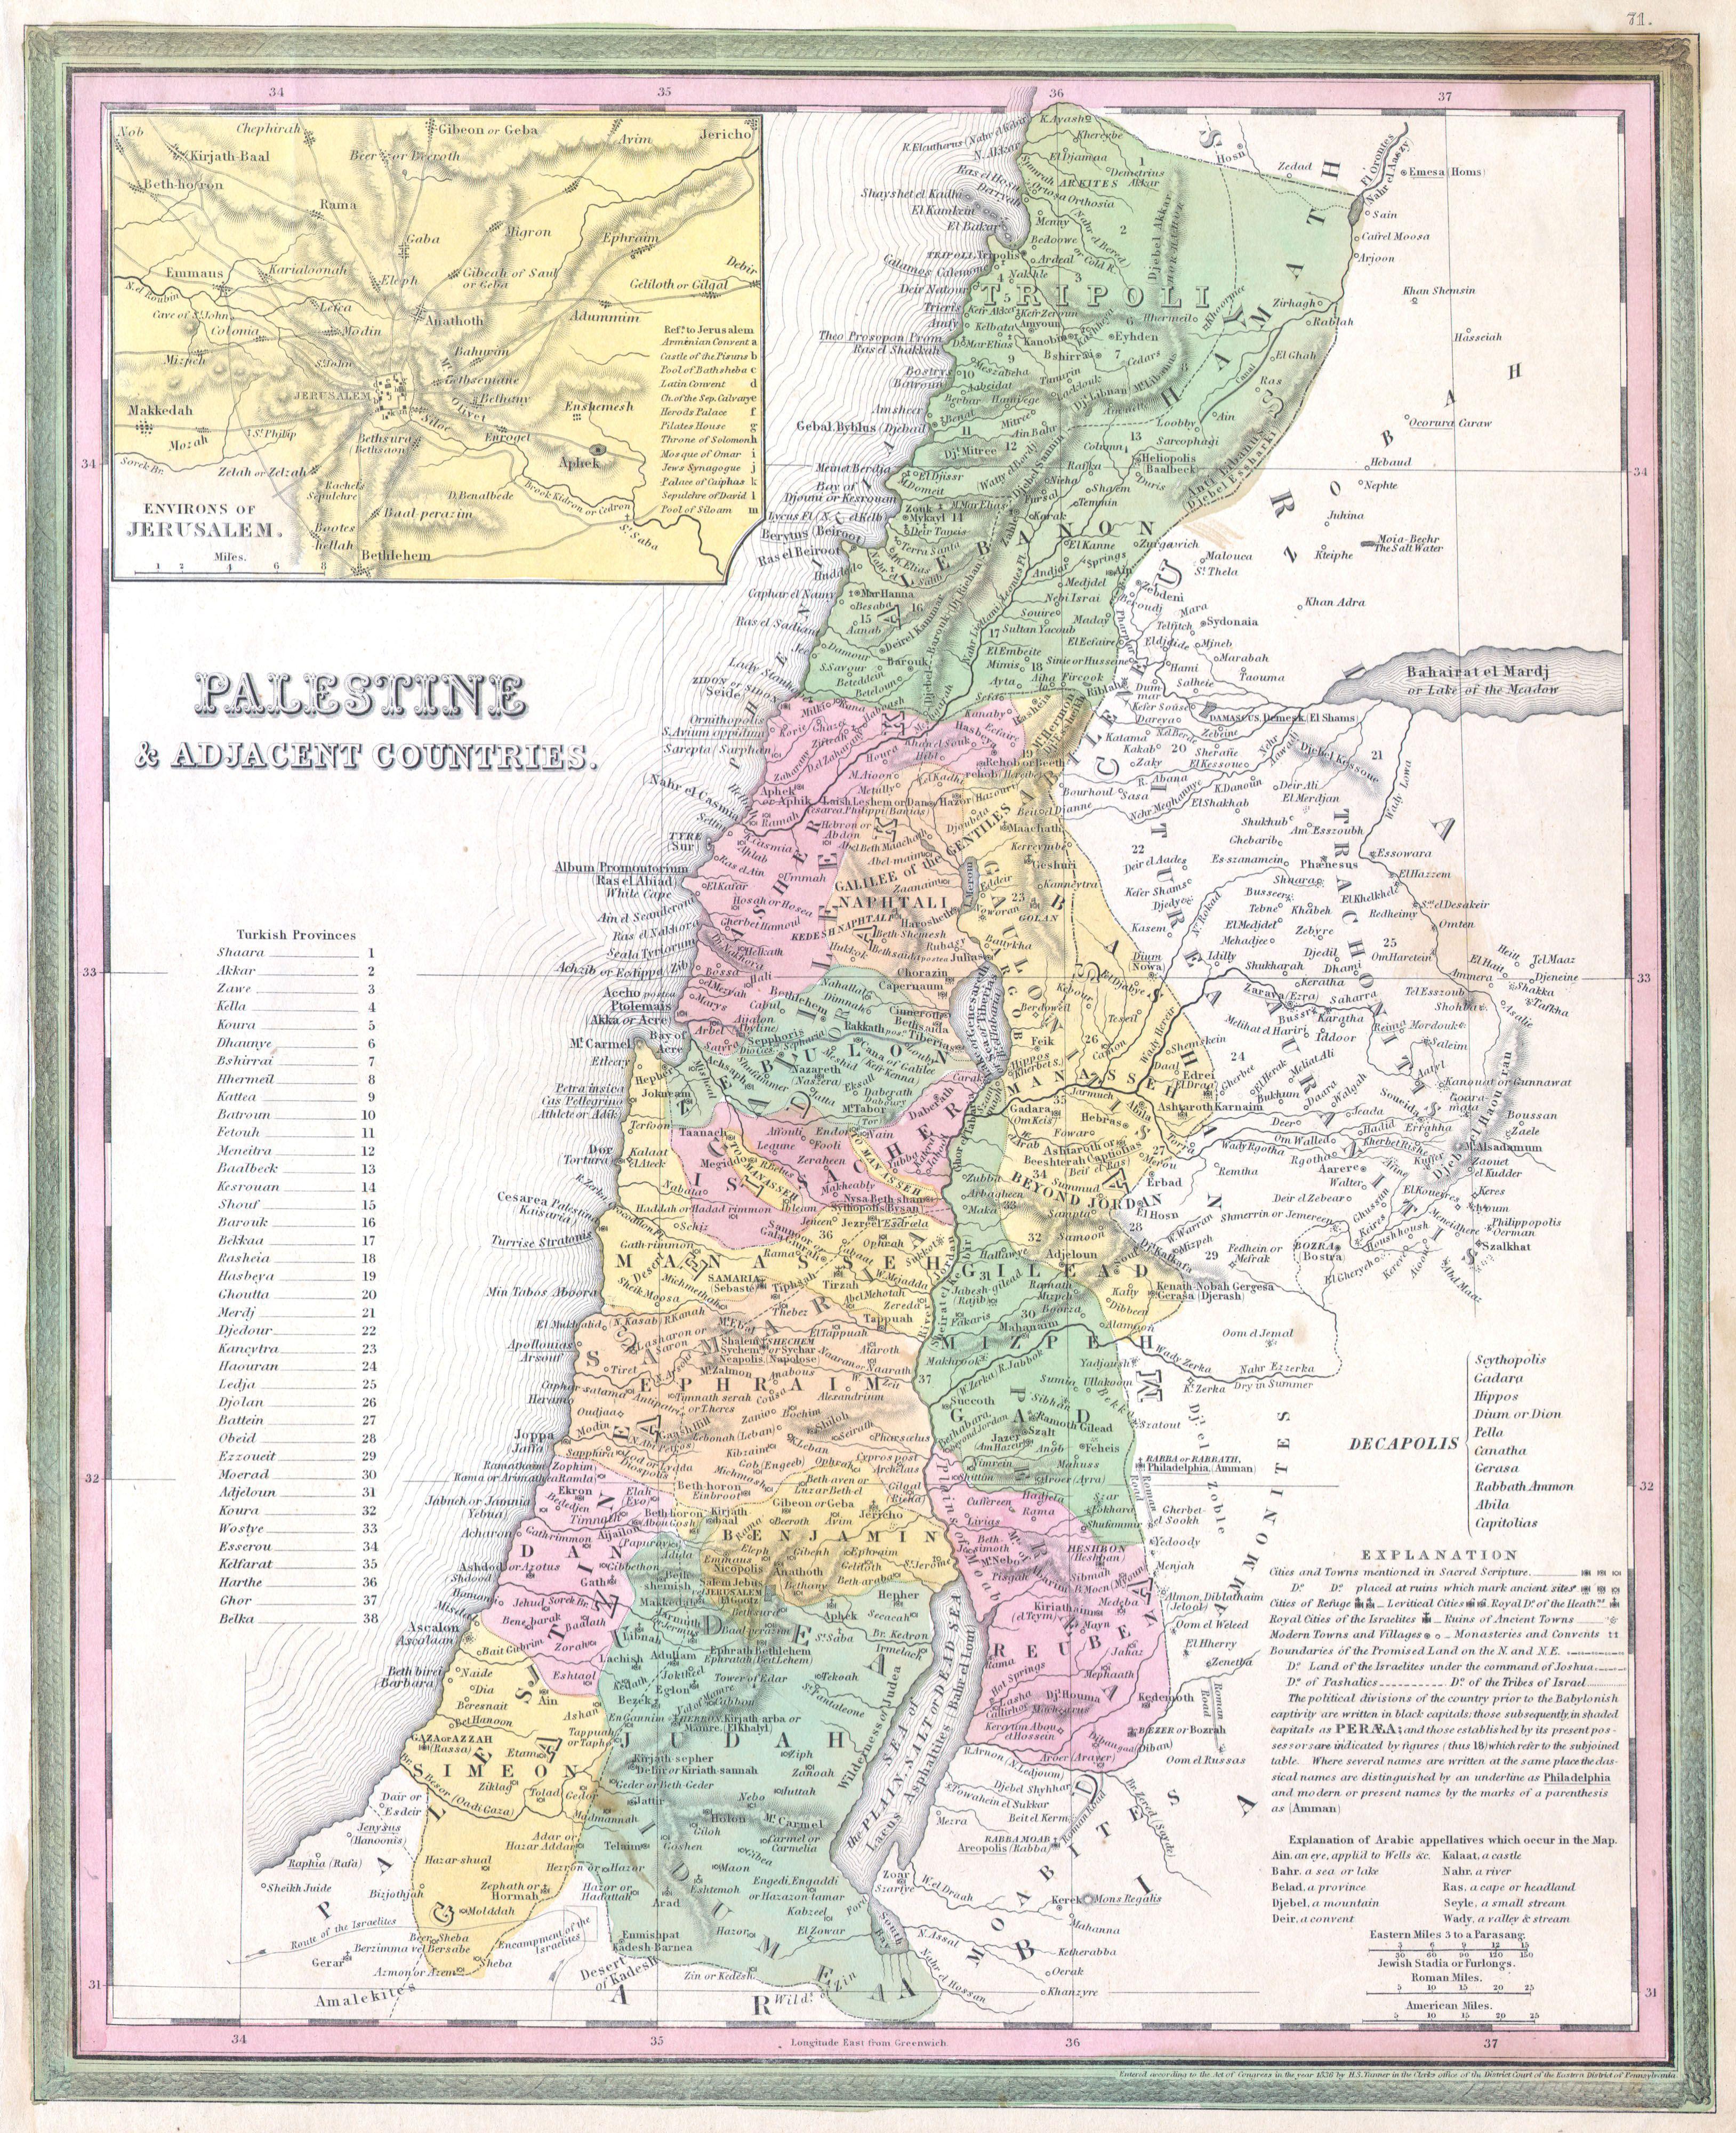 Dafi Free Printable Us Regions Maps - 1836 maps us